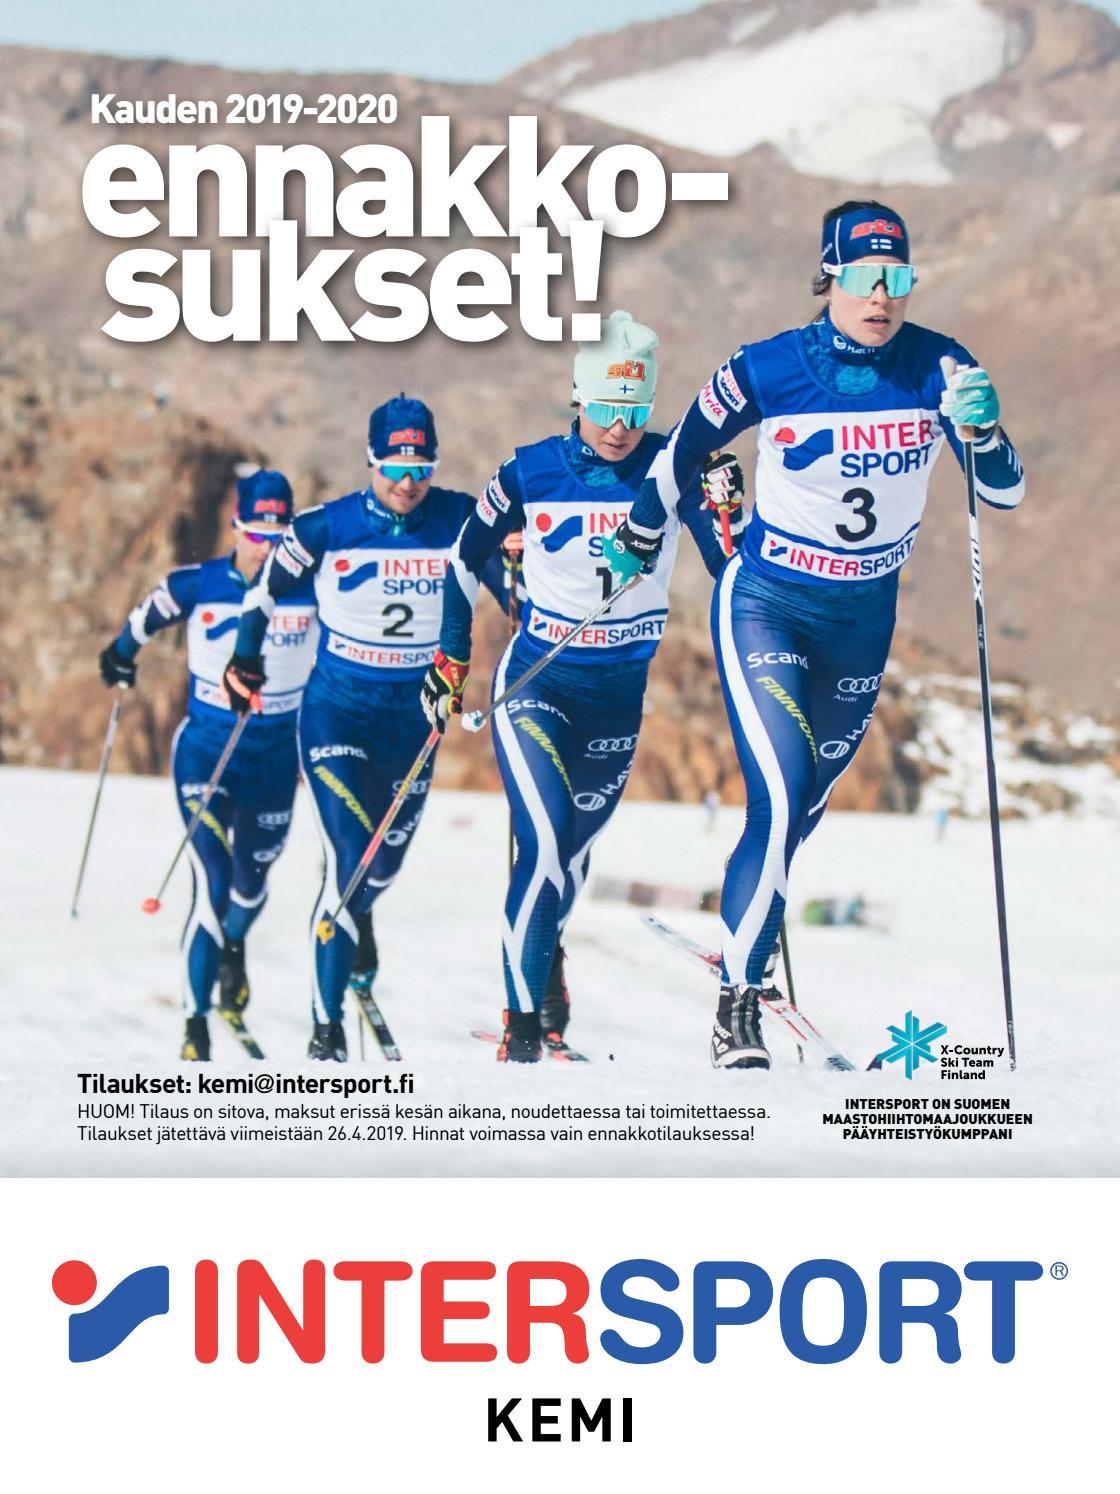 Kemi Intersport